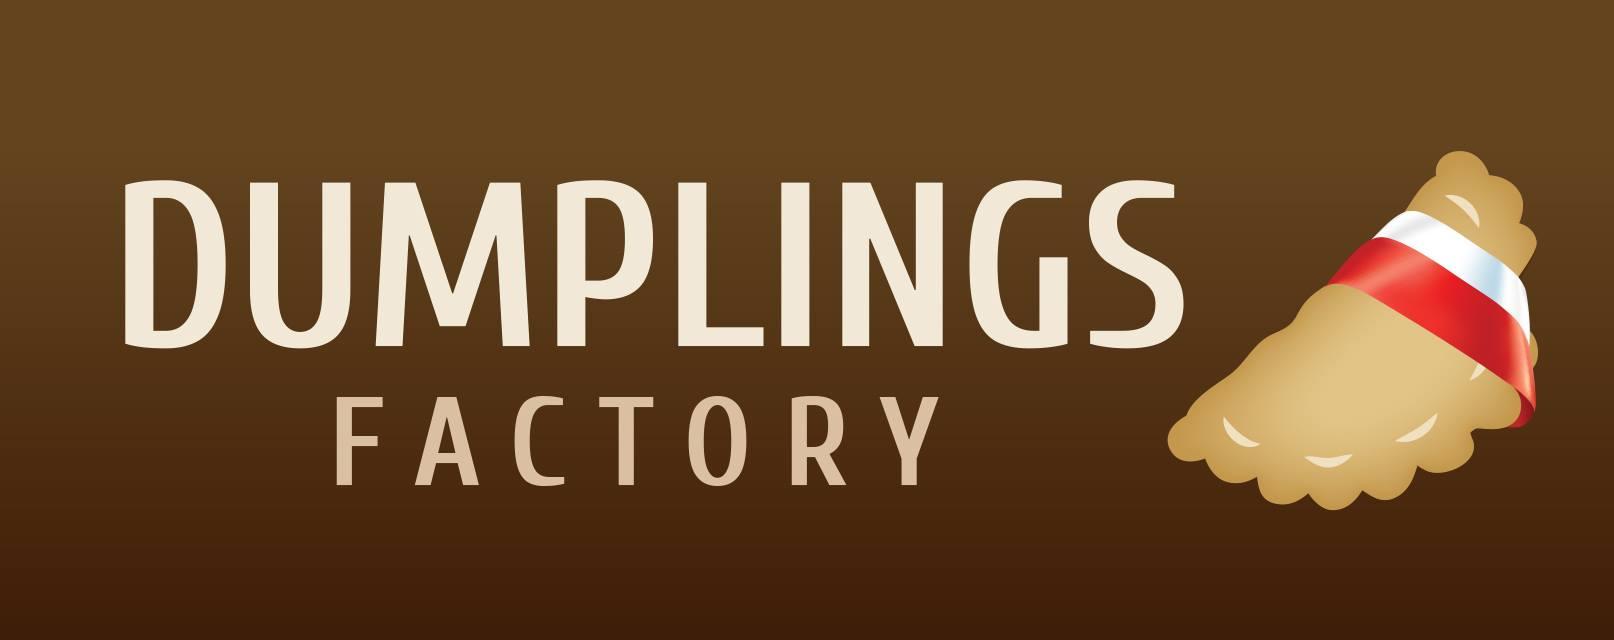 Dumplings Factory in Newcastle under Lyme (1)